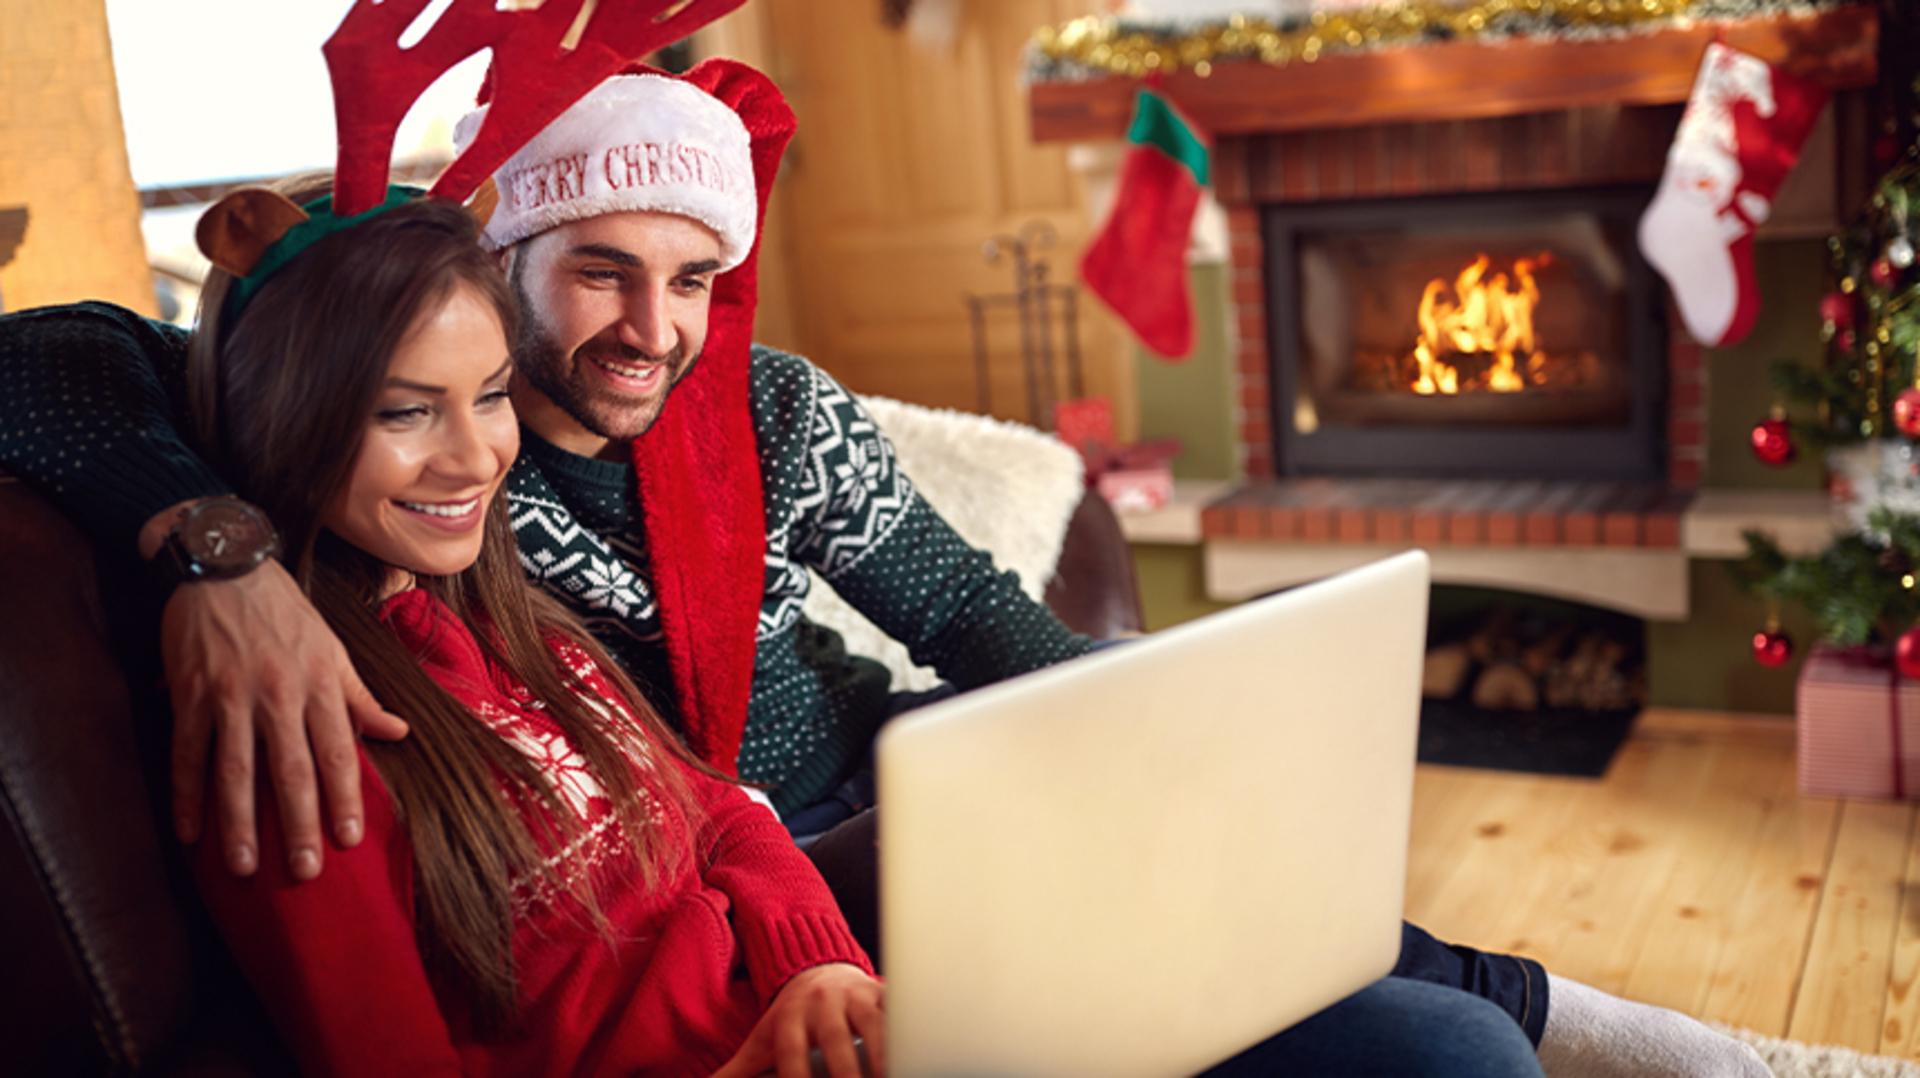 36_Natale 2019_Regali online_E-commerce